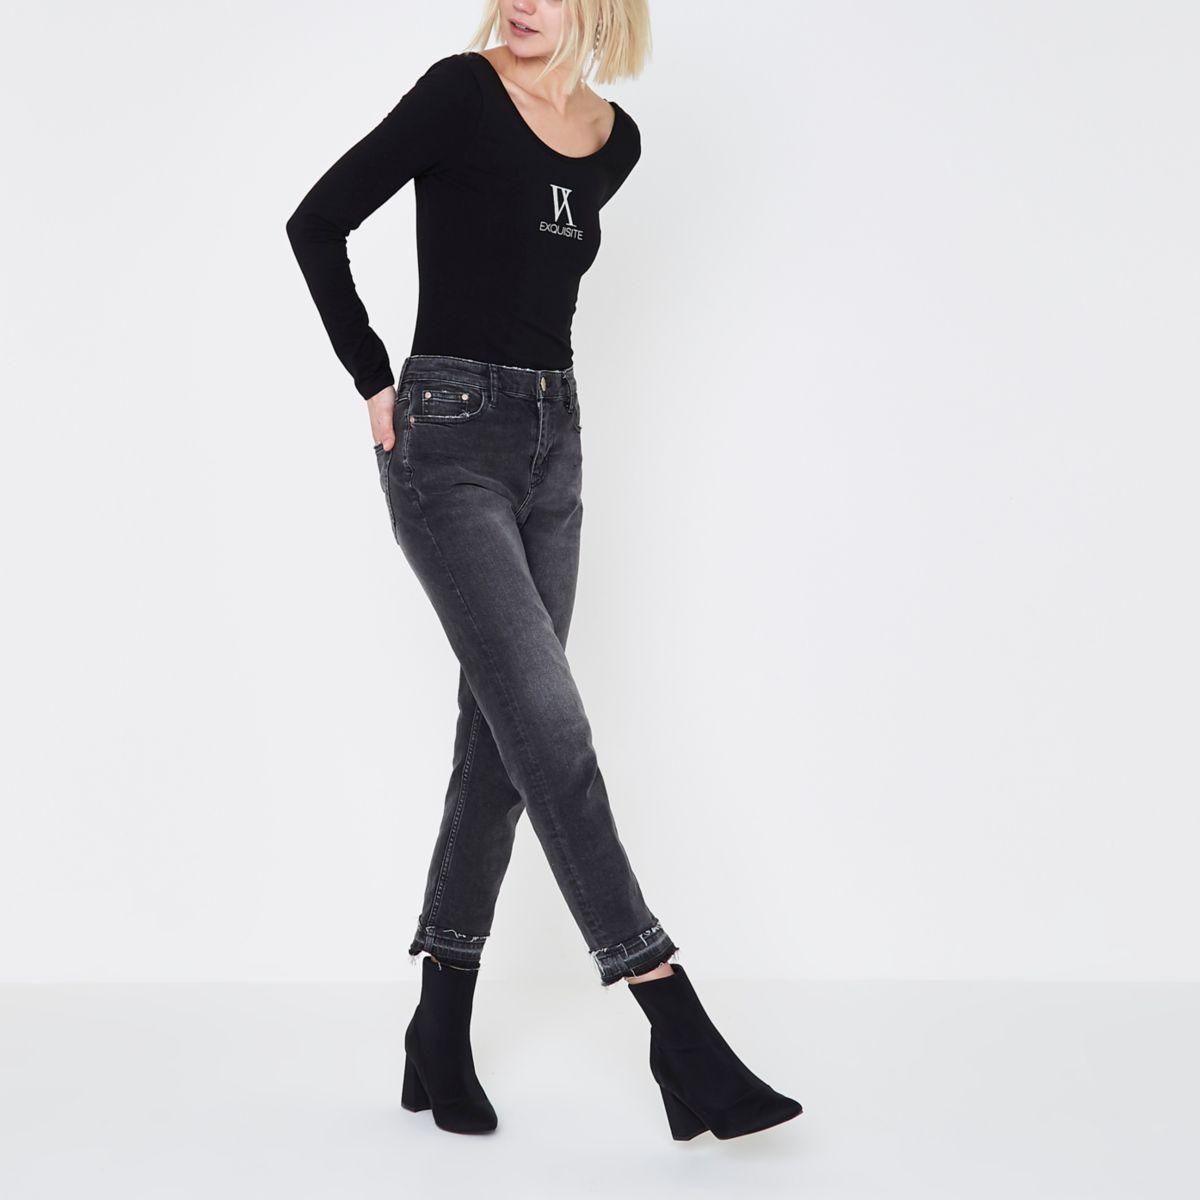 Zwarte body met lage hals en 'exquisite'-print